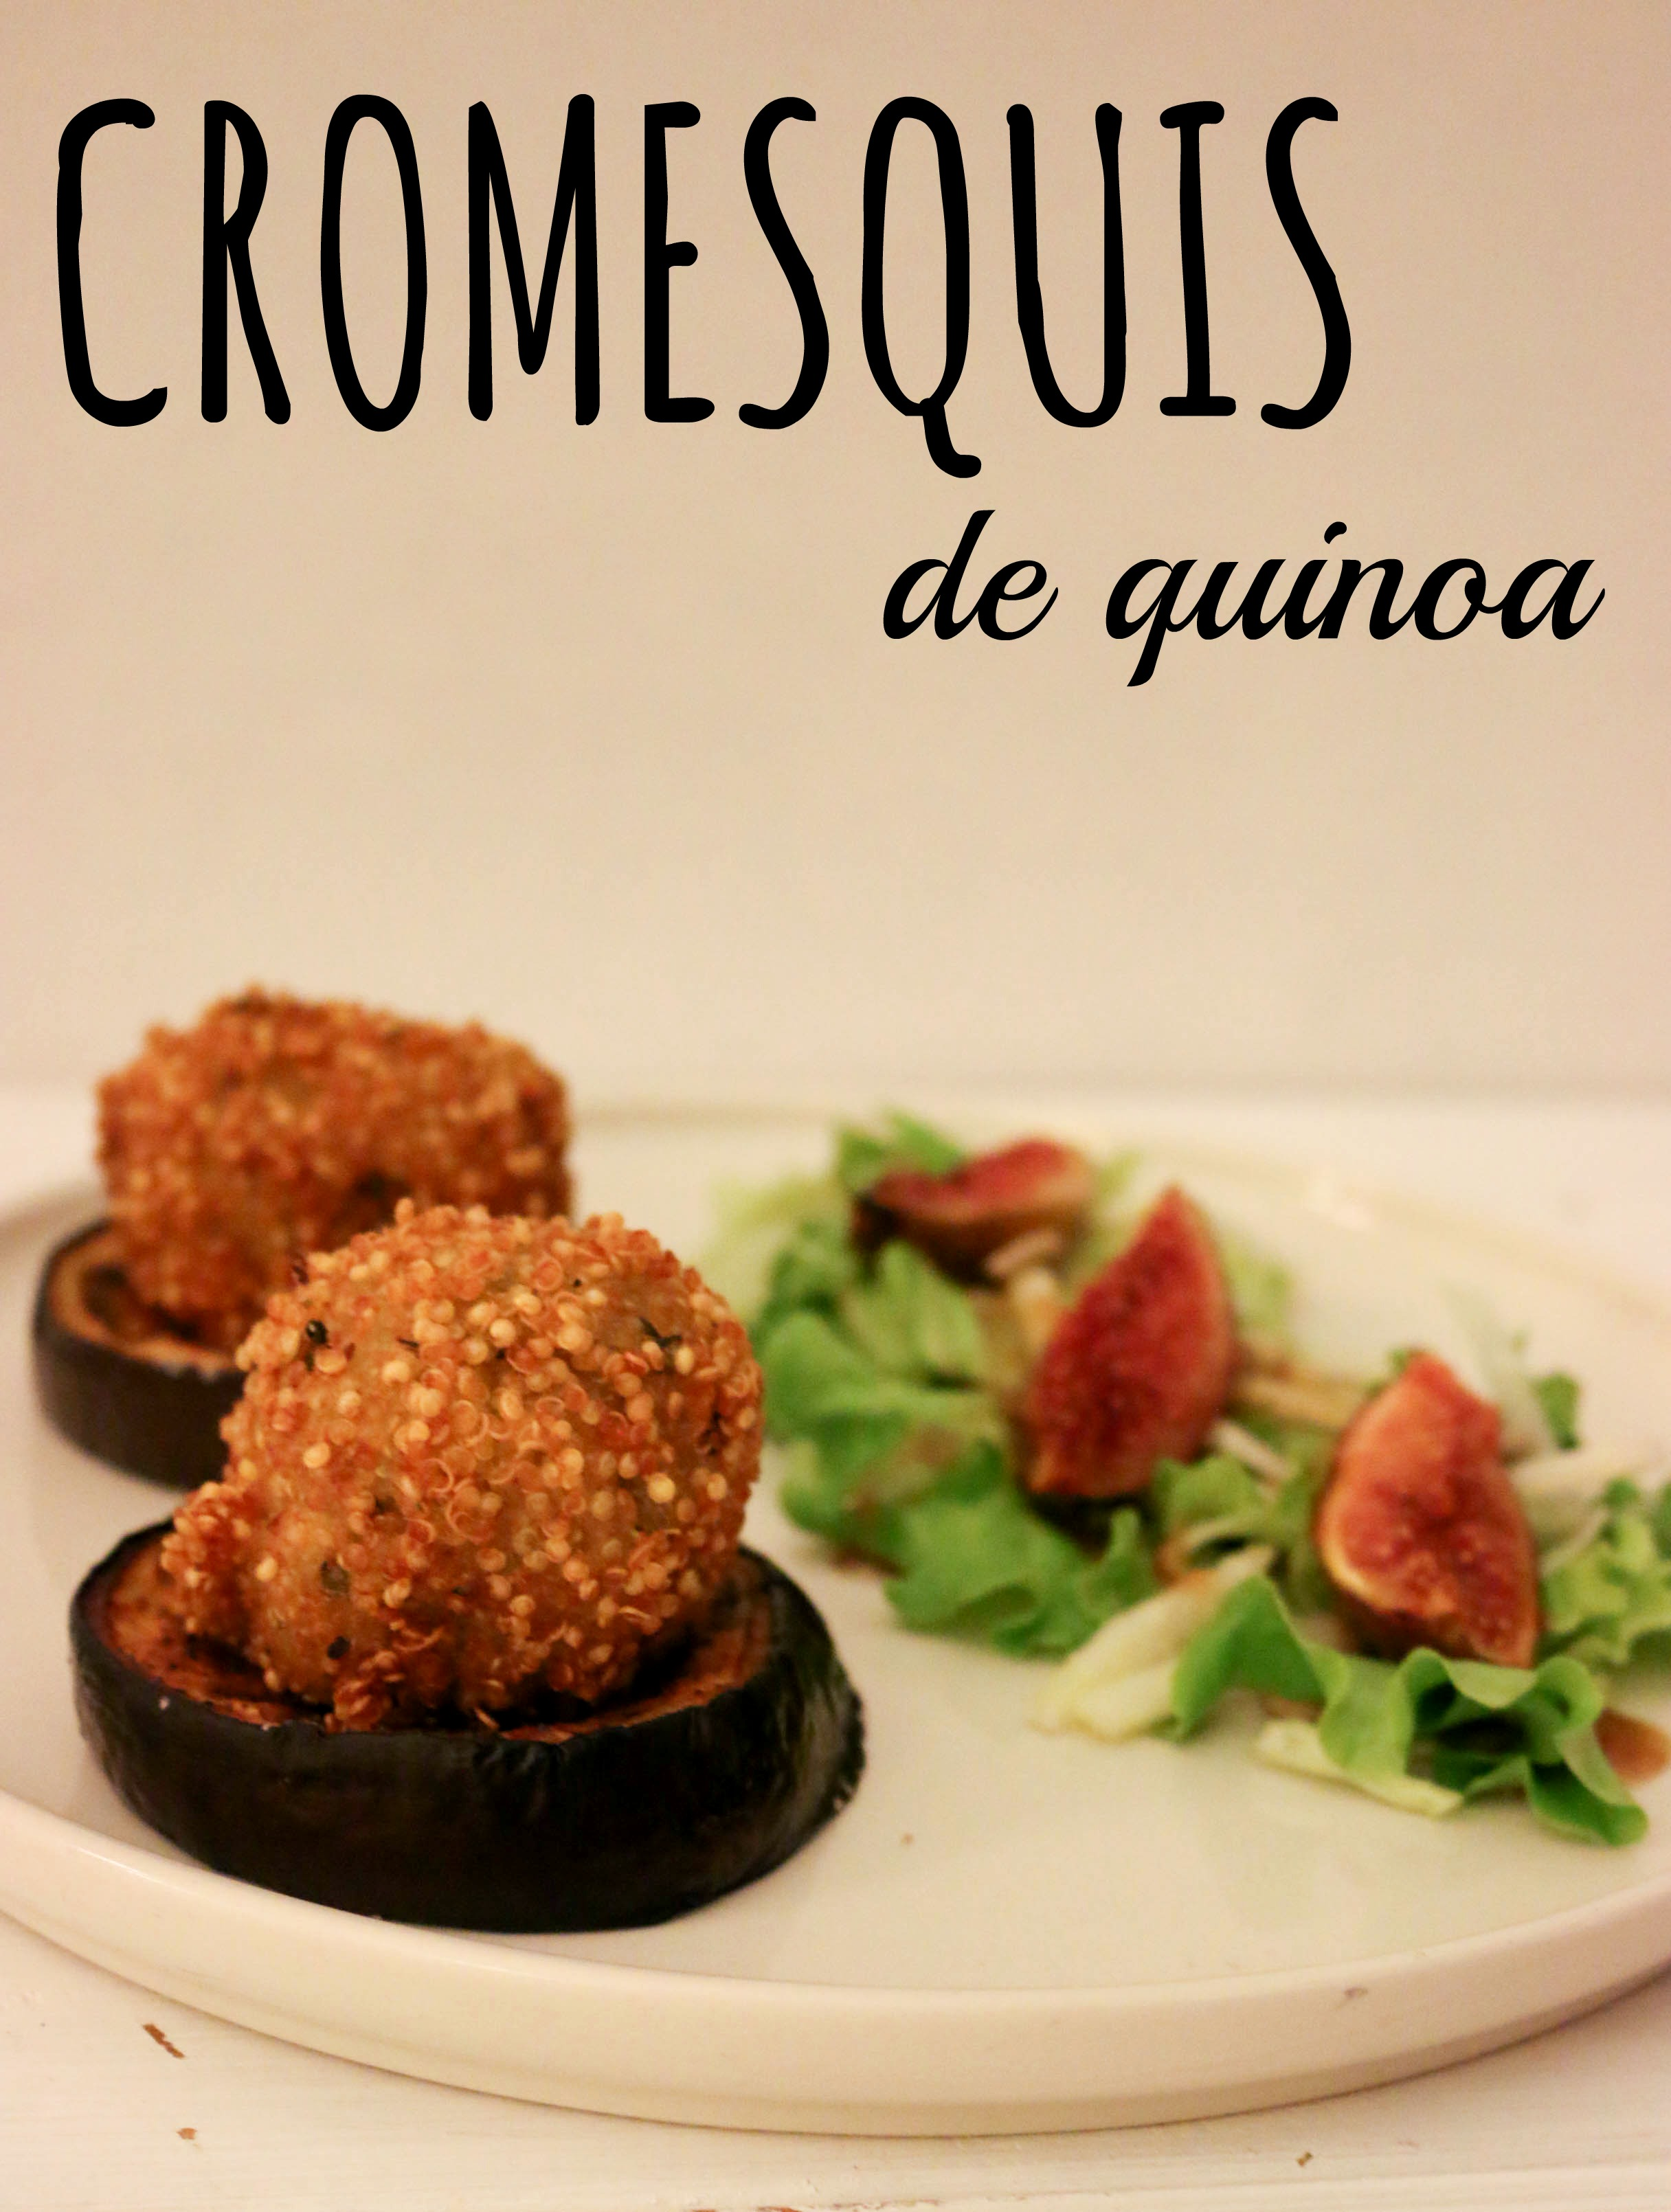 cromesquis de quinoa. recette végétale (vegan) et sans gluten